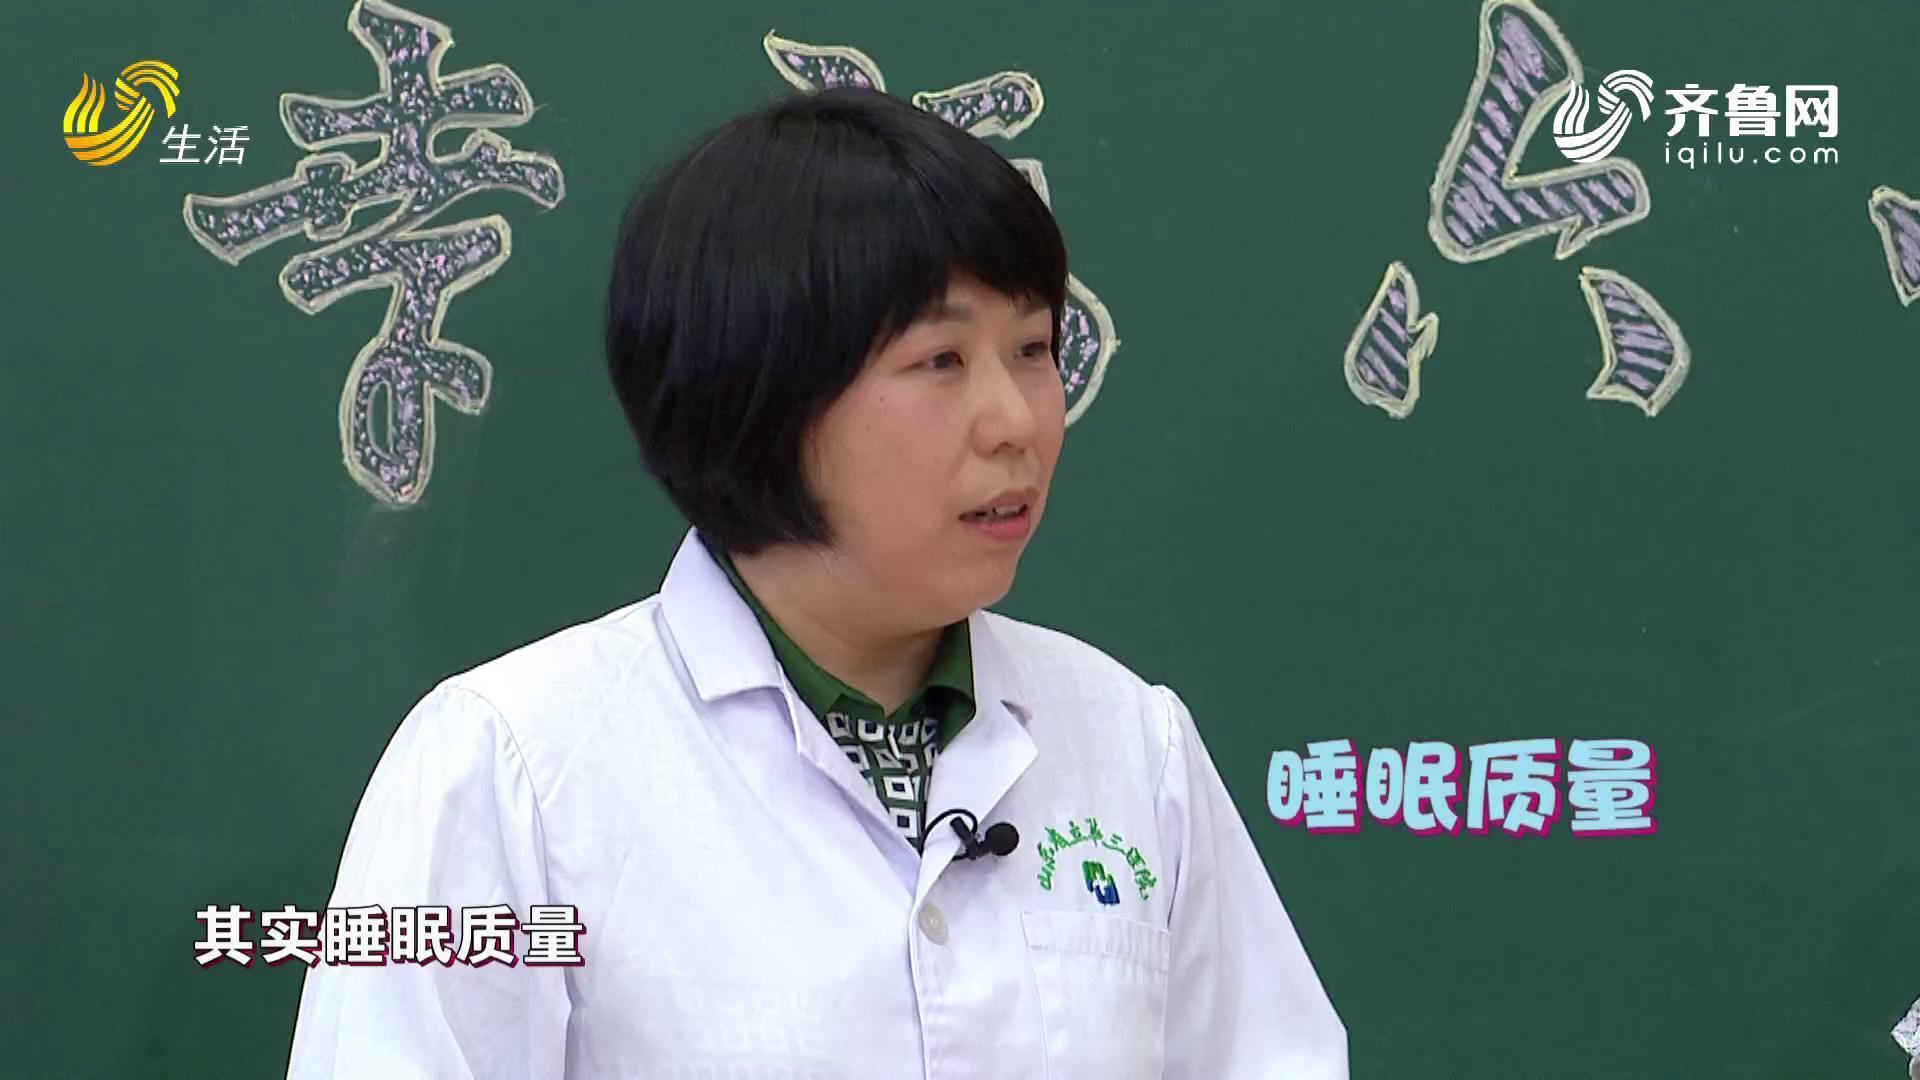 山东广播电视台电视生活频道《生活帮焦点版》主持人李皎官网_齐鲁网